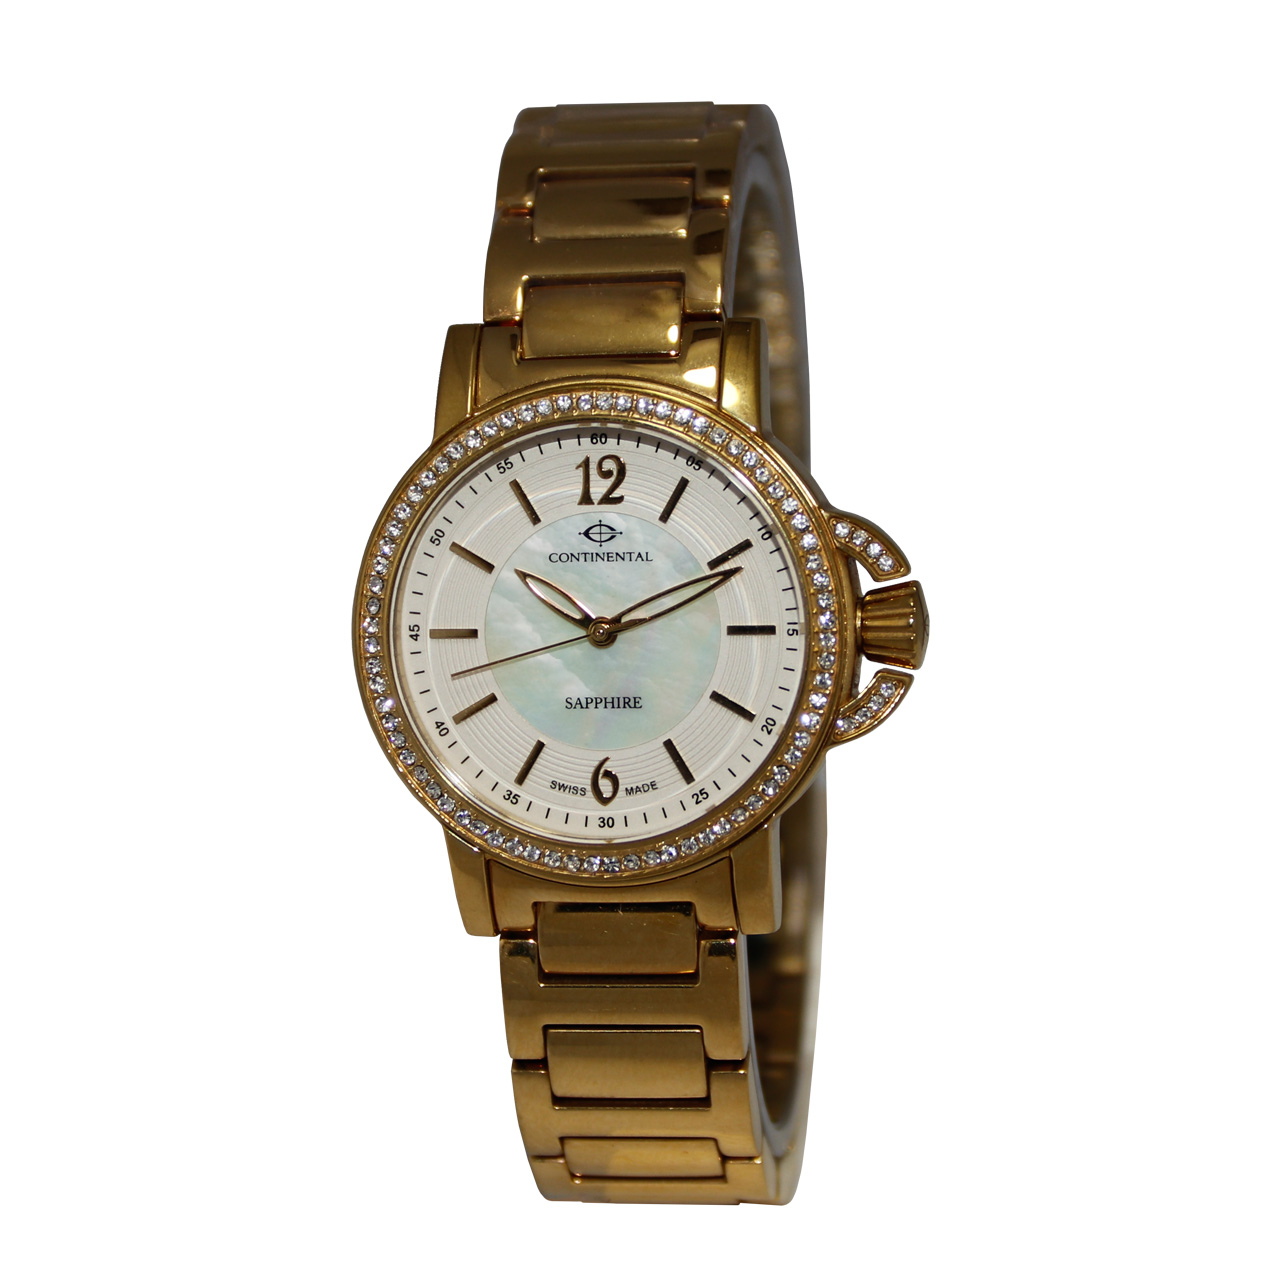 ساعت مچی عقربه ای زنانه کنتیننتال مدل 12260-235D